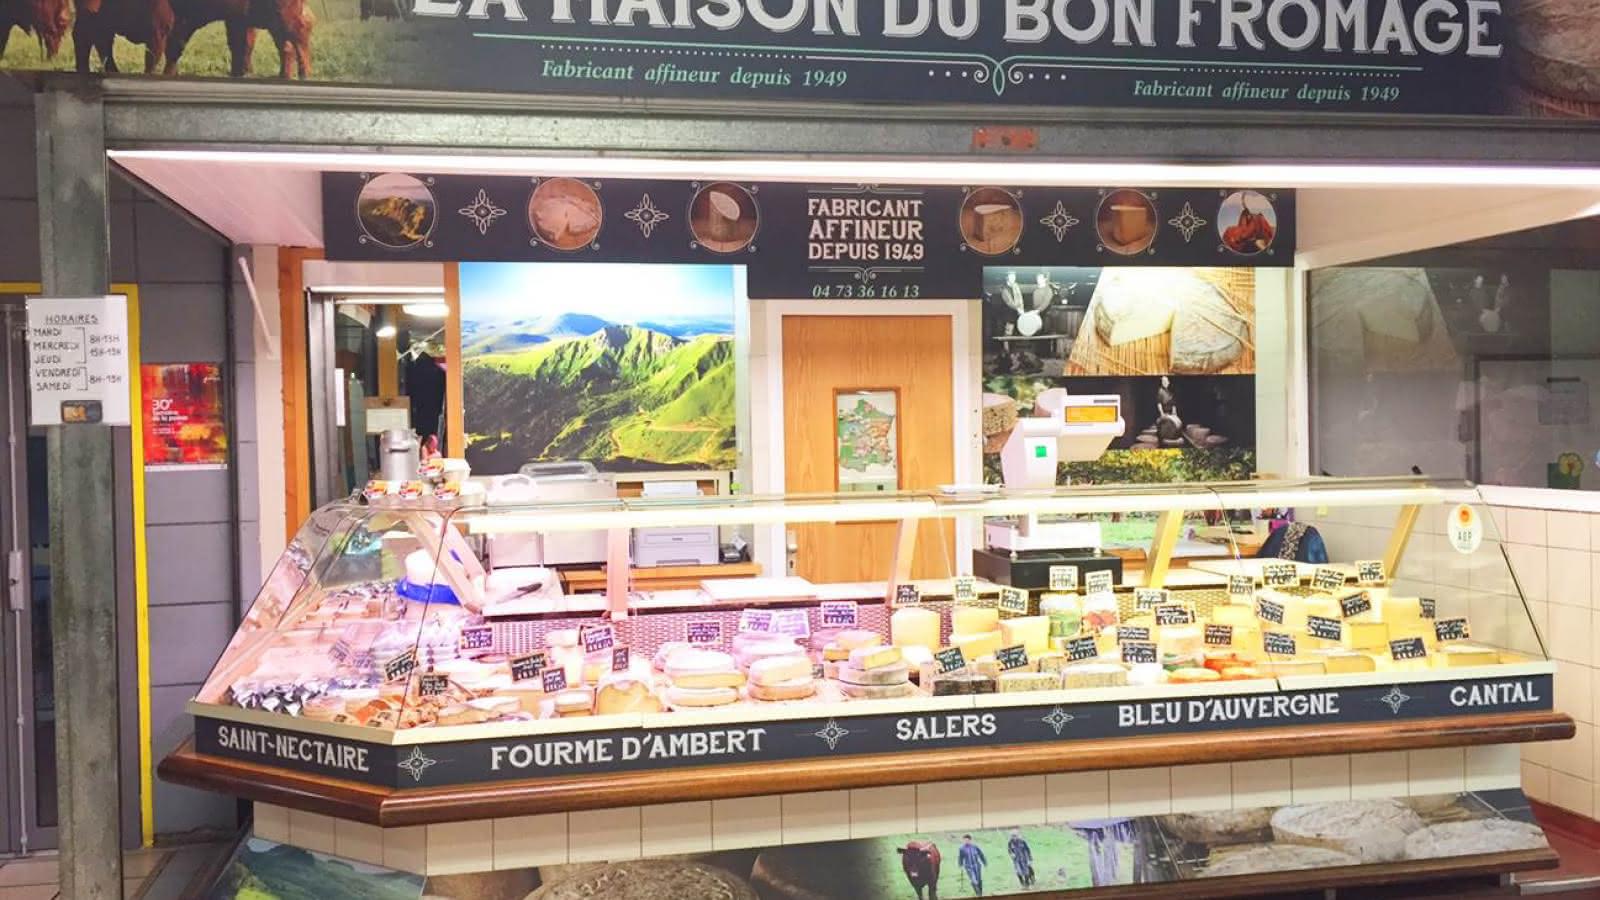 © La maison du bon fromage